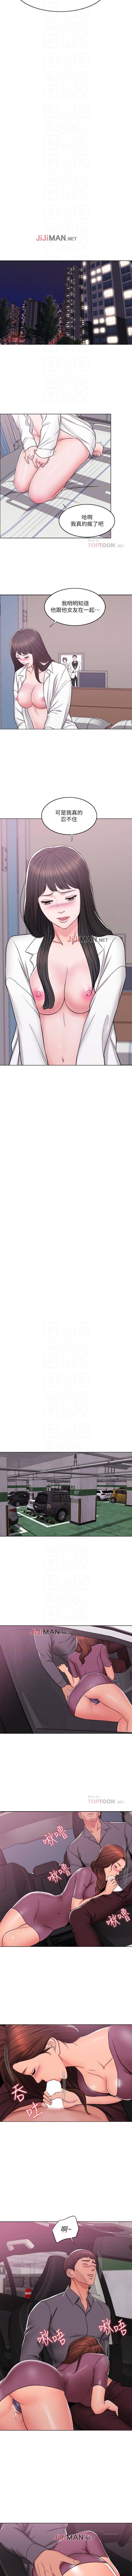 【周一连载】湿身游泳课(作者:0510&TB Production) 第1~17话 39